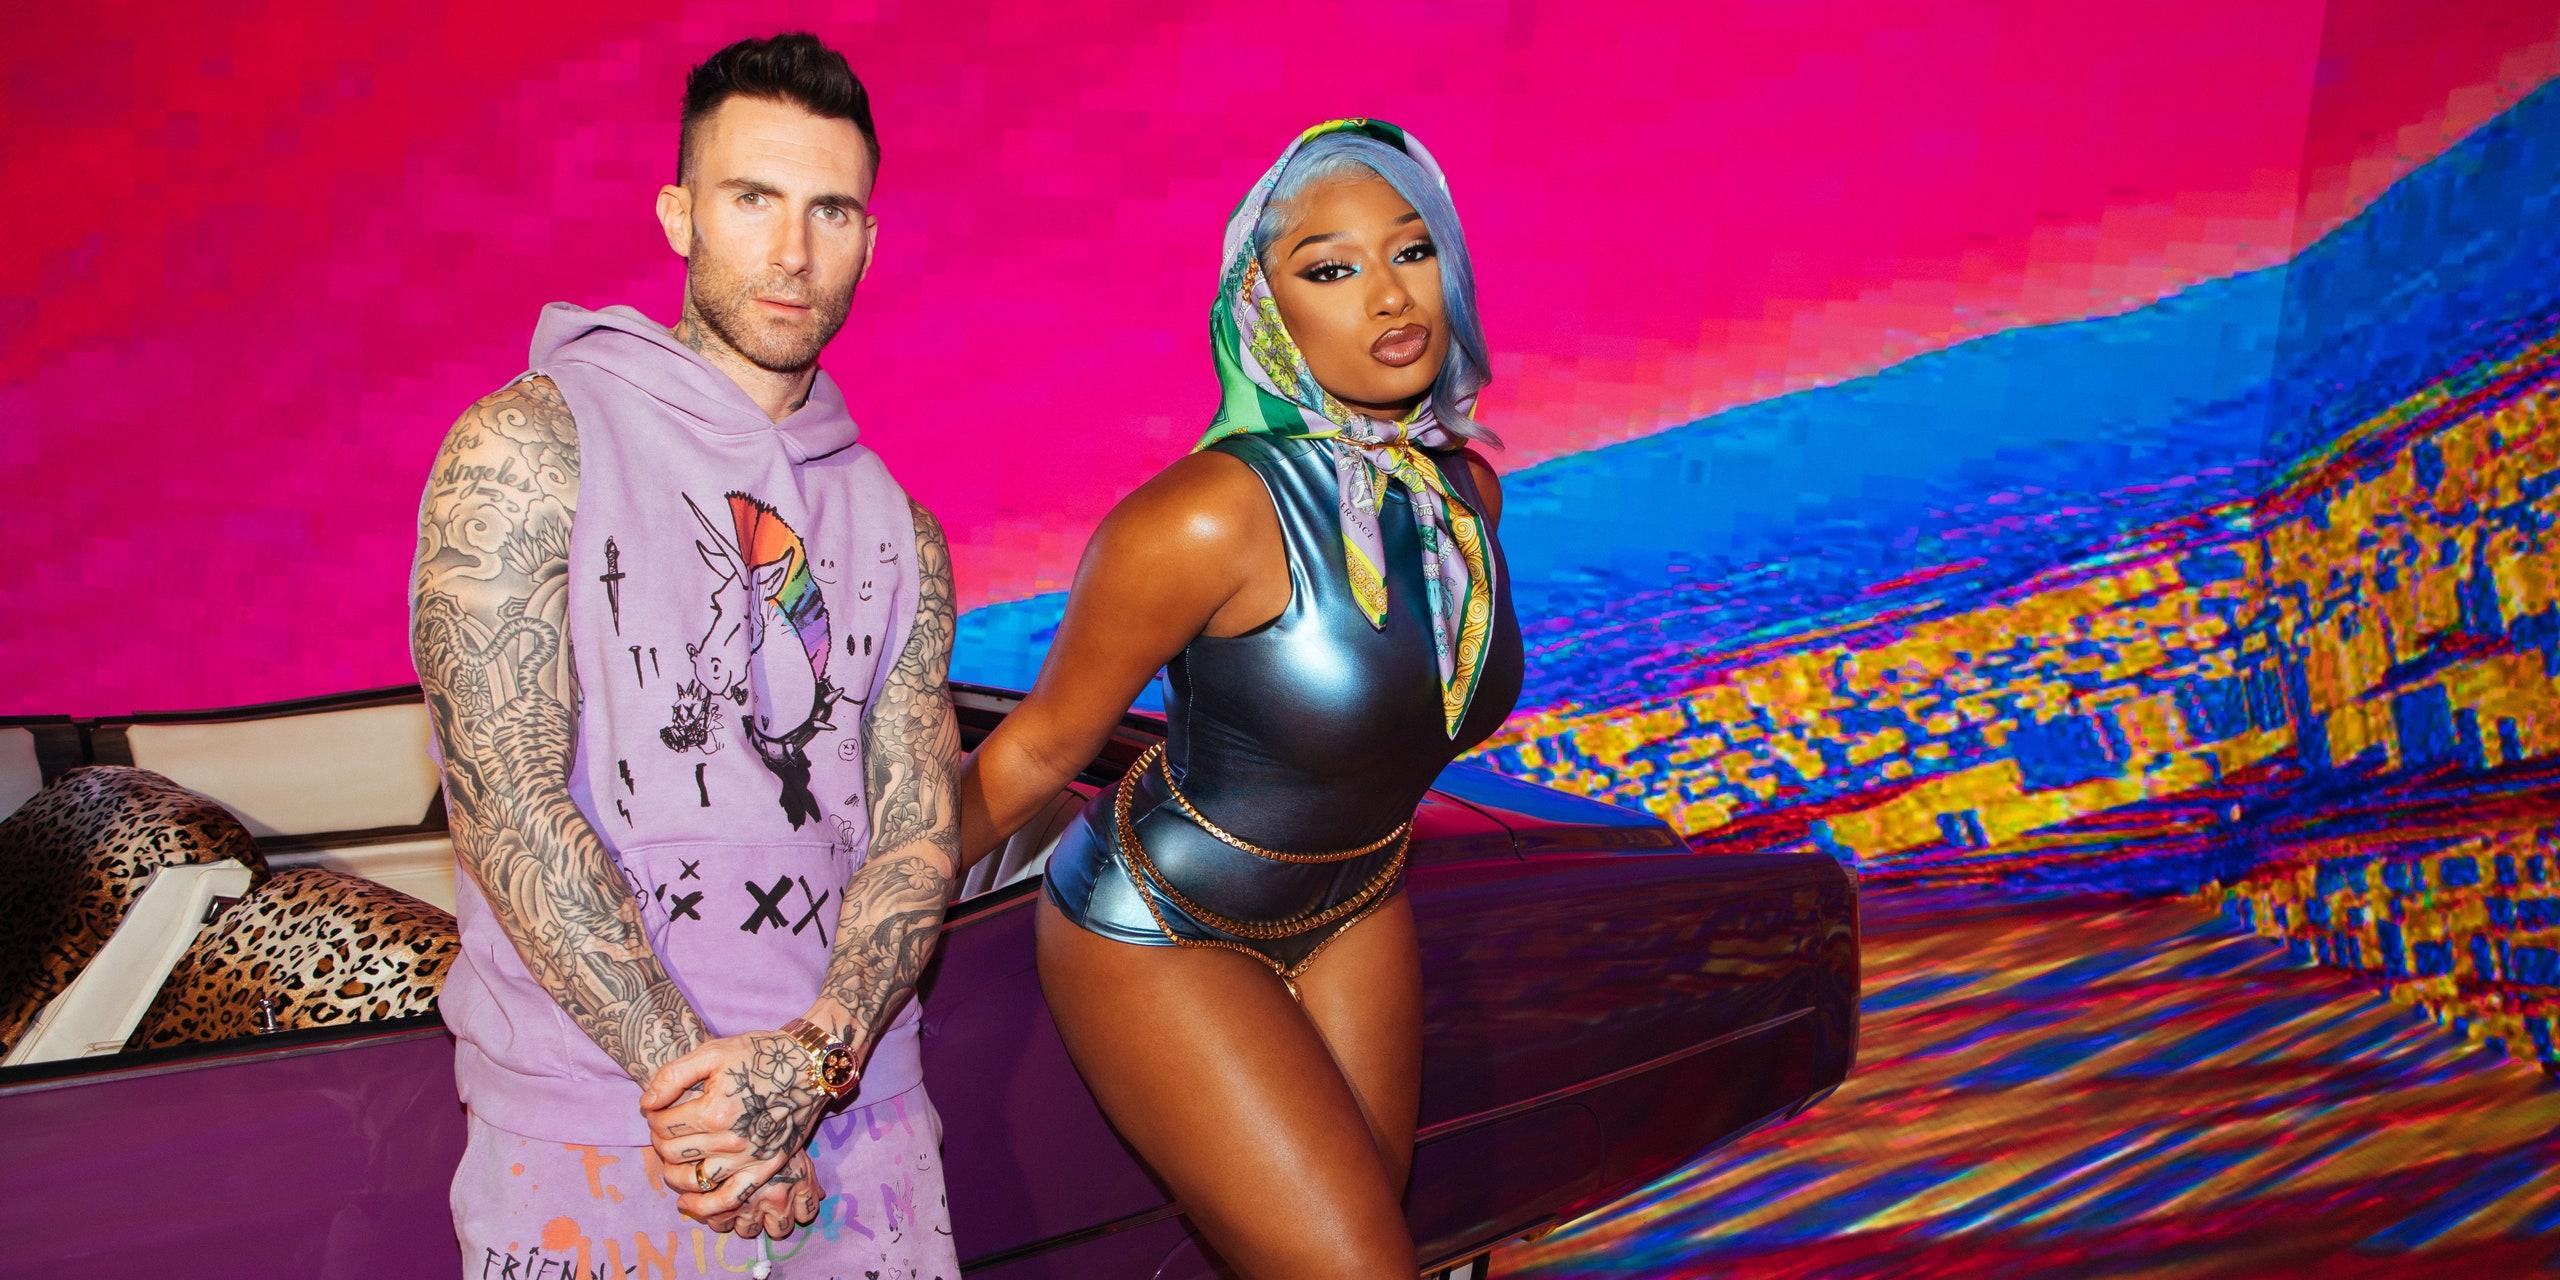 Adam Levine and Megan Thee Stallion - Maroon 5 - Beautiful Mistakes (feat. Megan Thee Stallion)